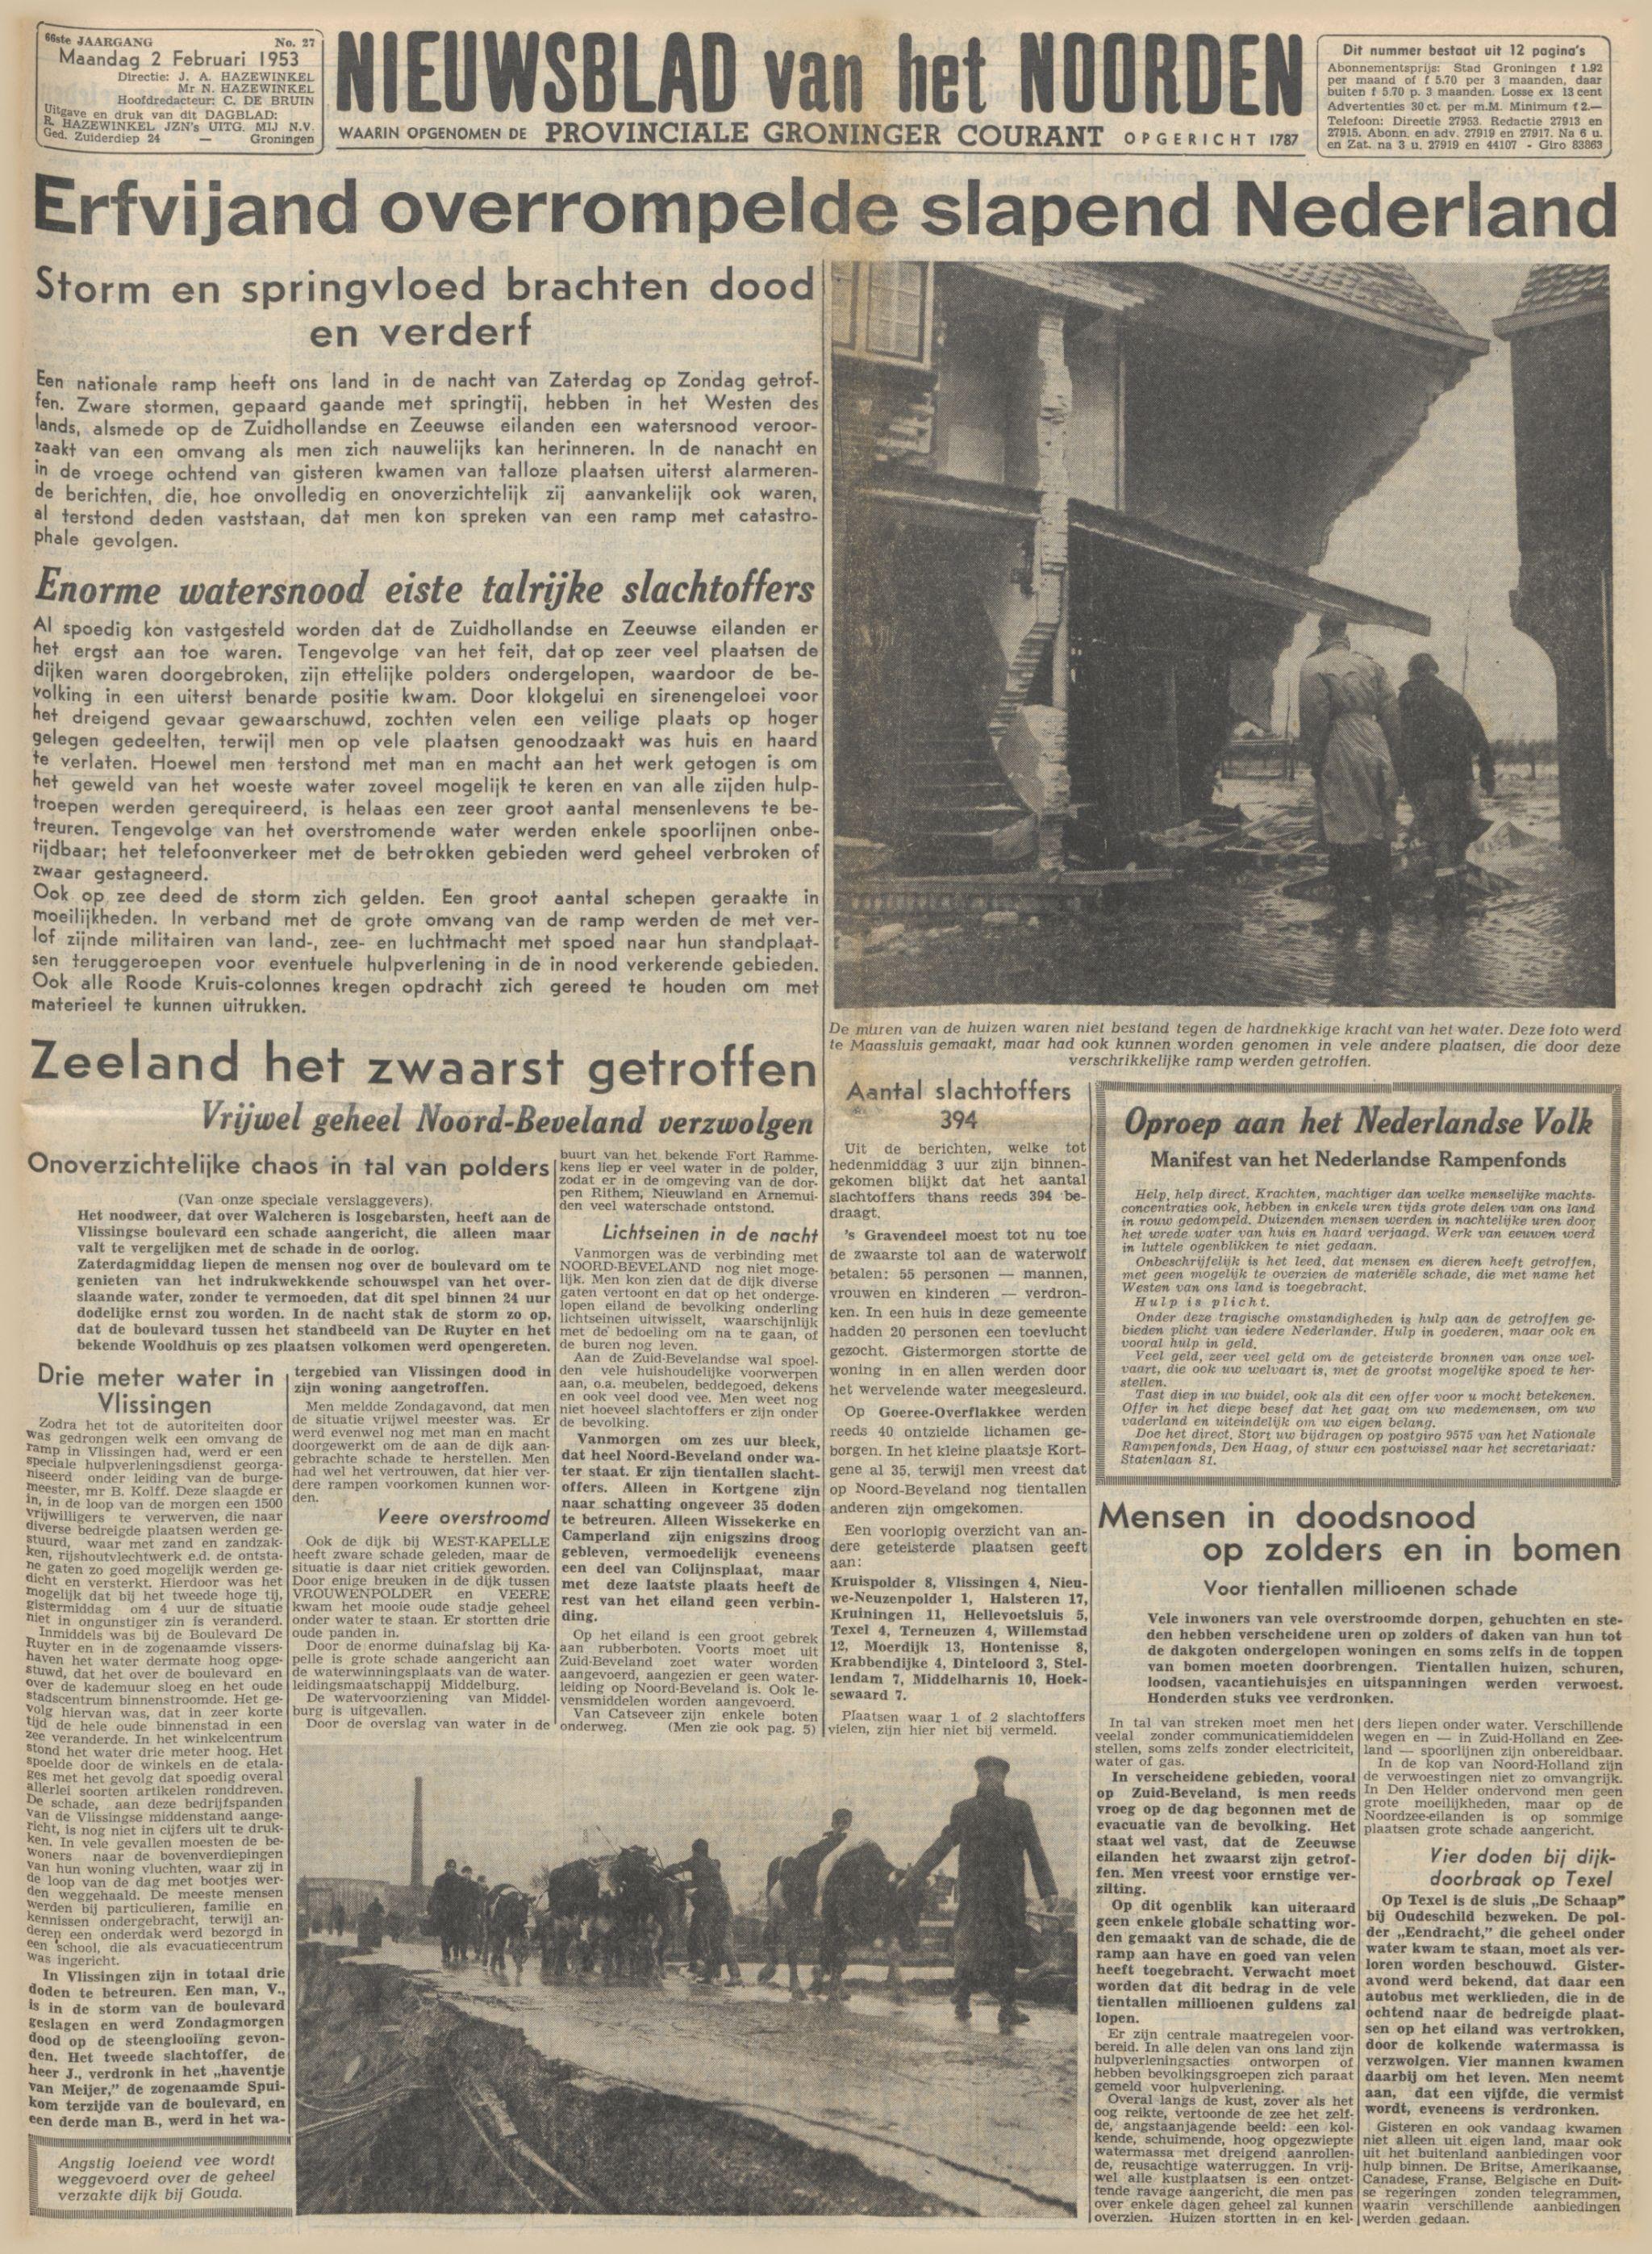 180131_168091_19530202_Nieuwsblad_van_het_Noorden.jpg